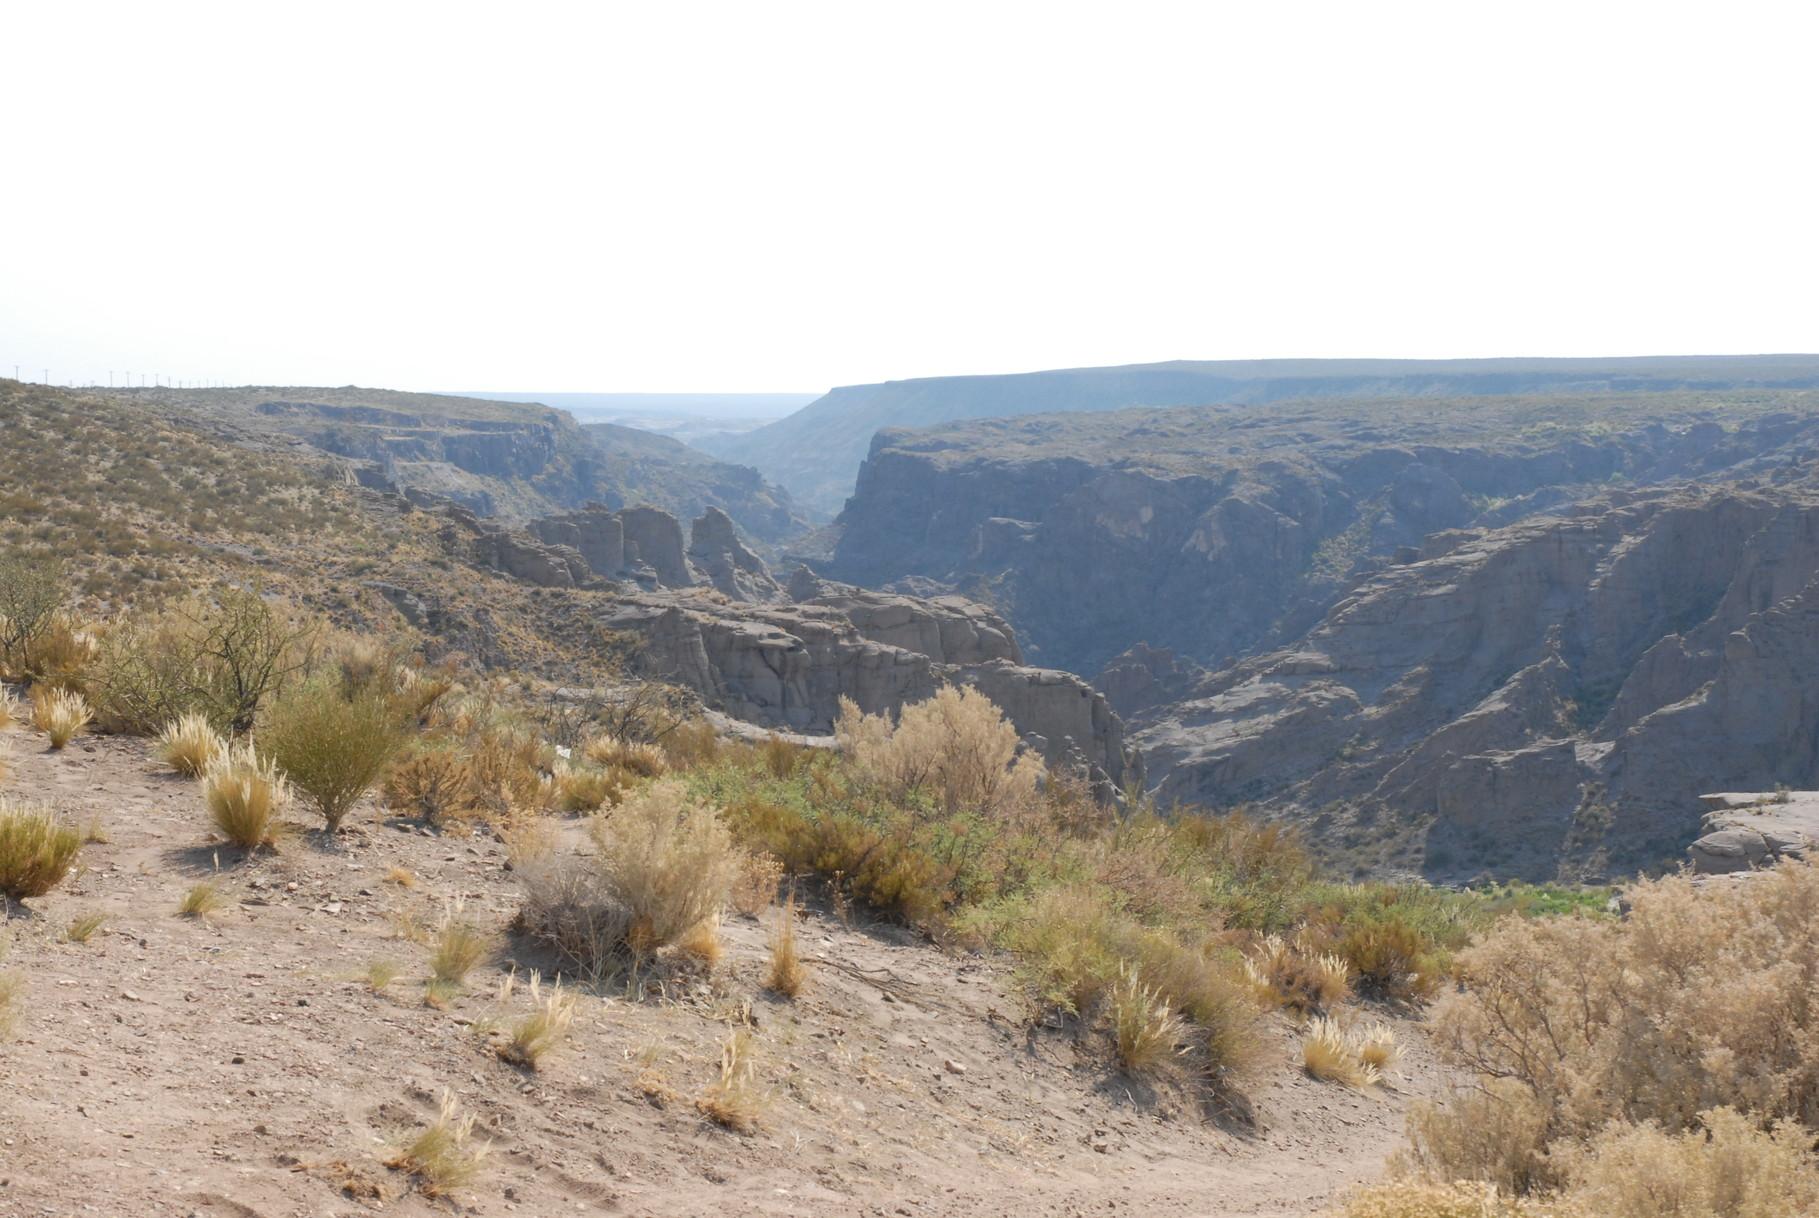 Der Eingang der Schlucht bei El Nihuil